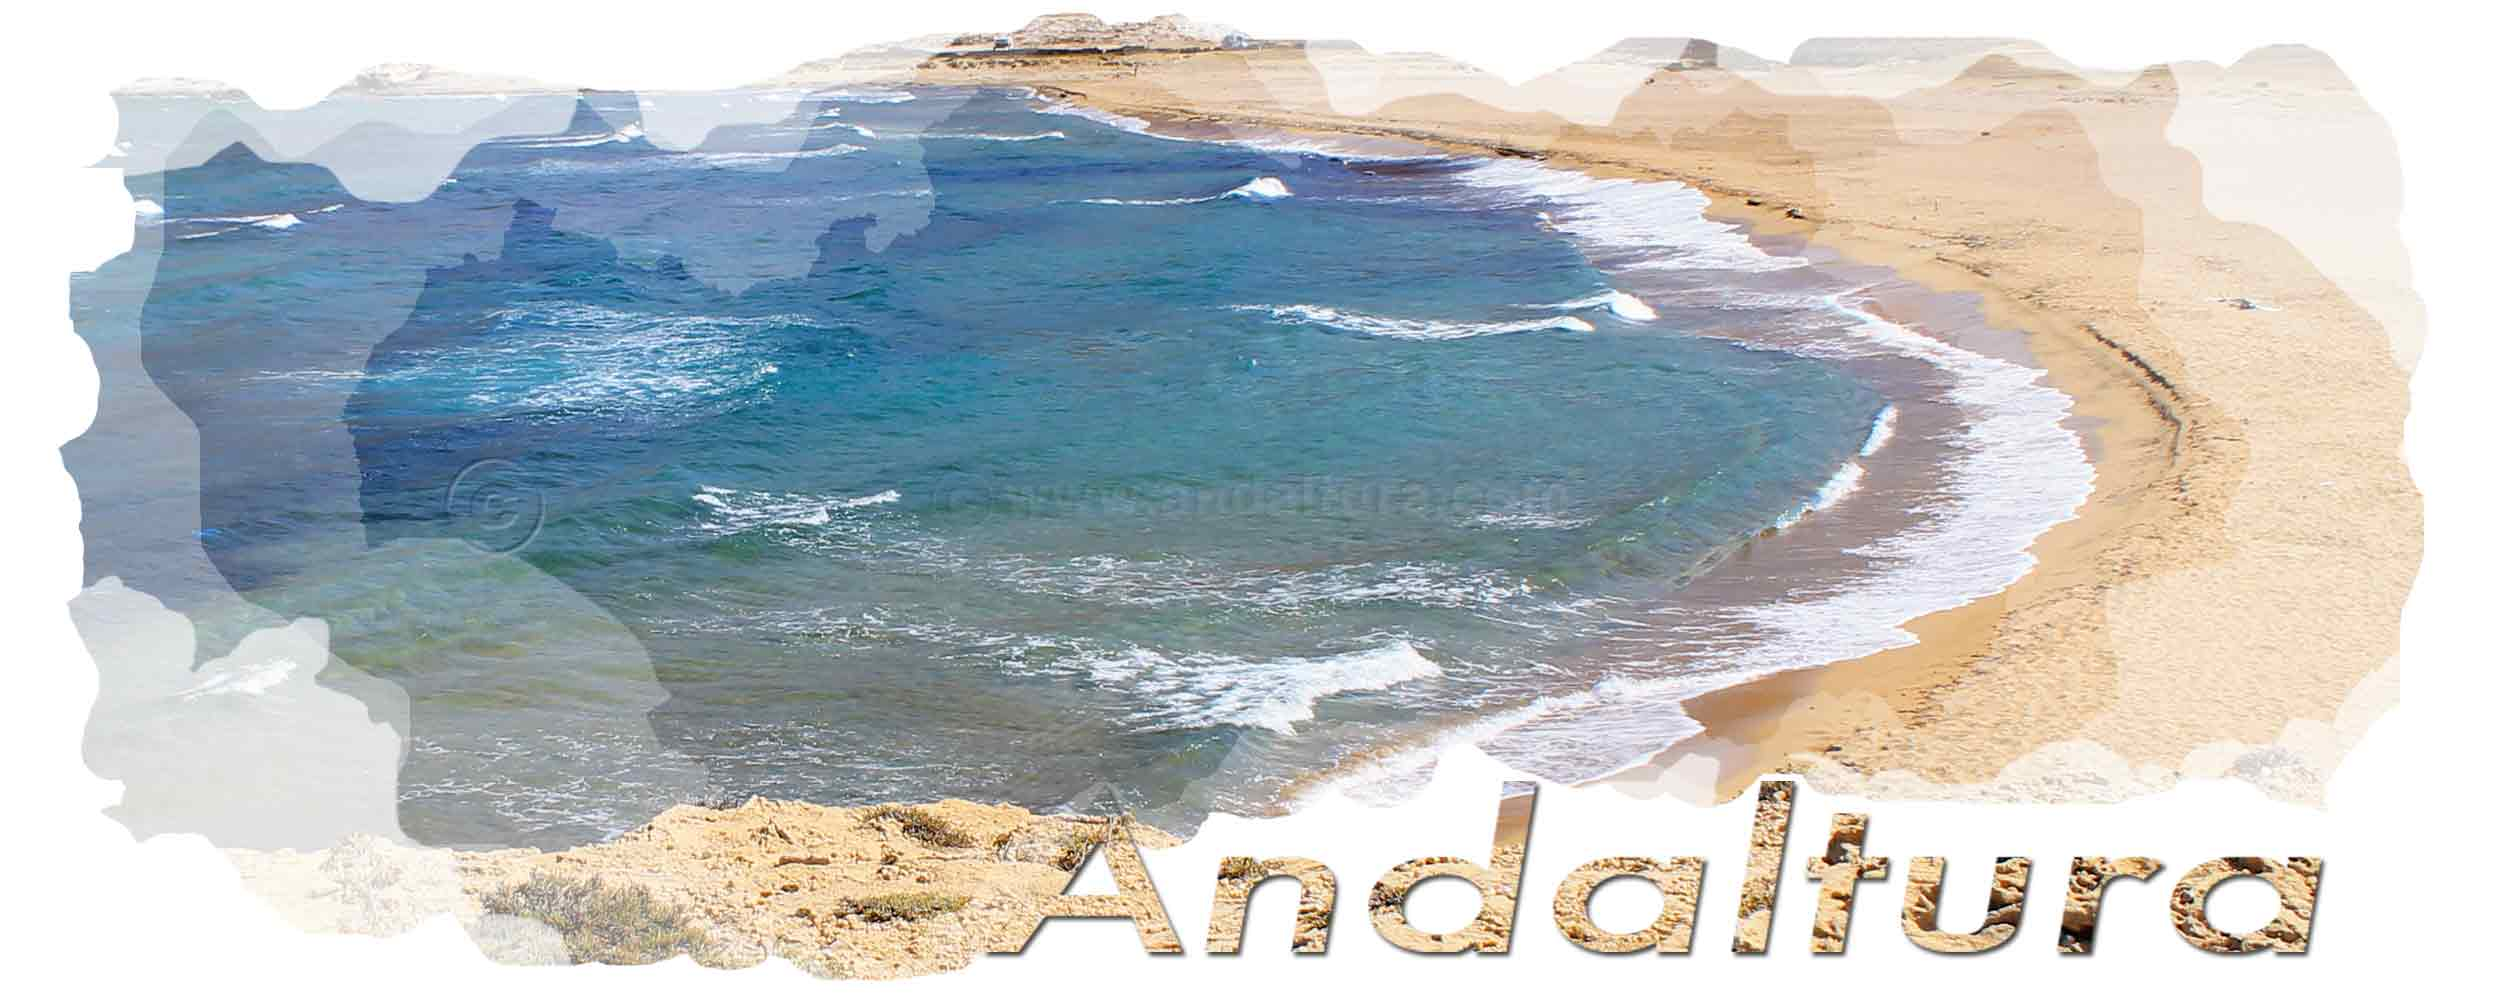 Cabecera del Plagio de Radio Torrox. Playa de los Genoveses